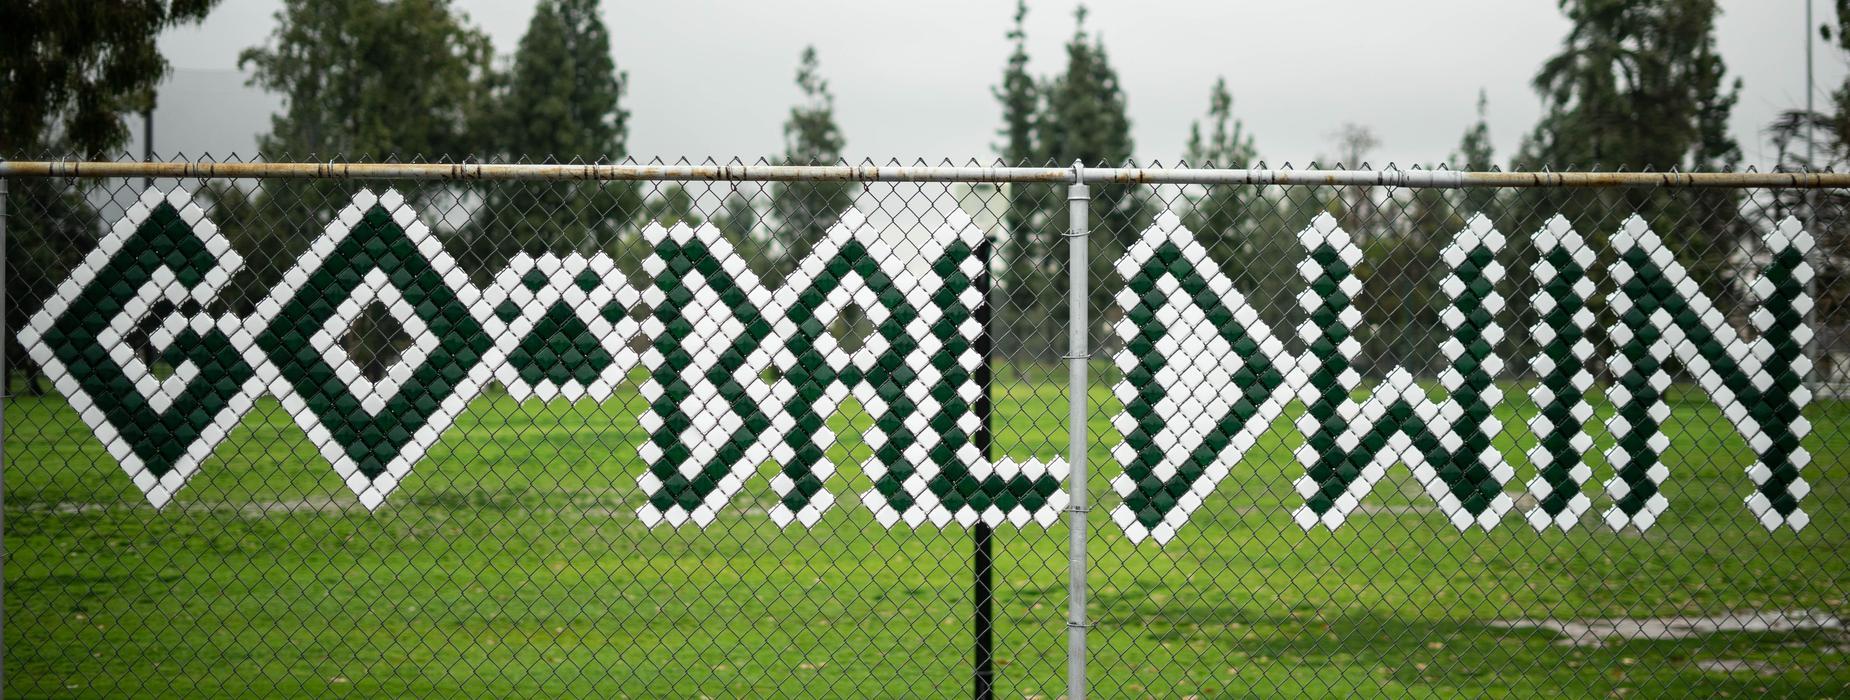 Go Baldwin Fence Art Work